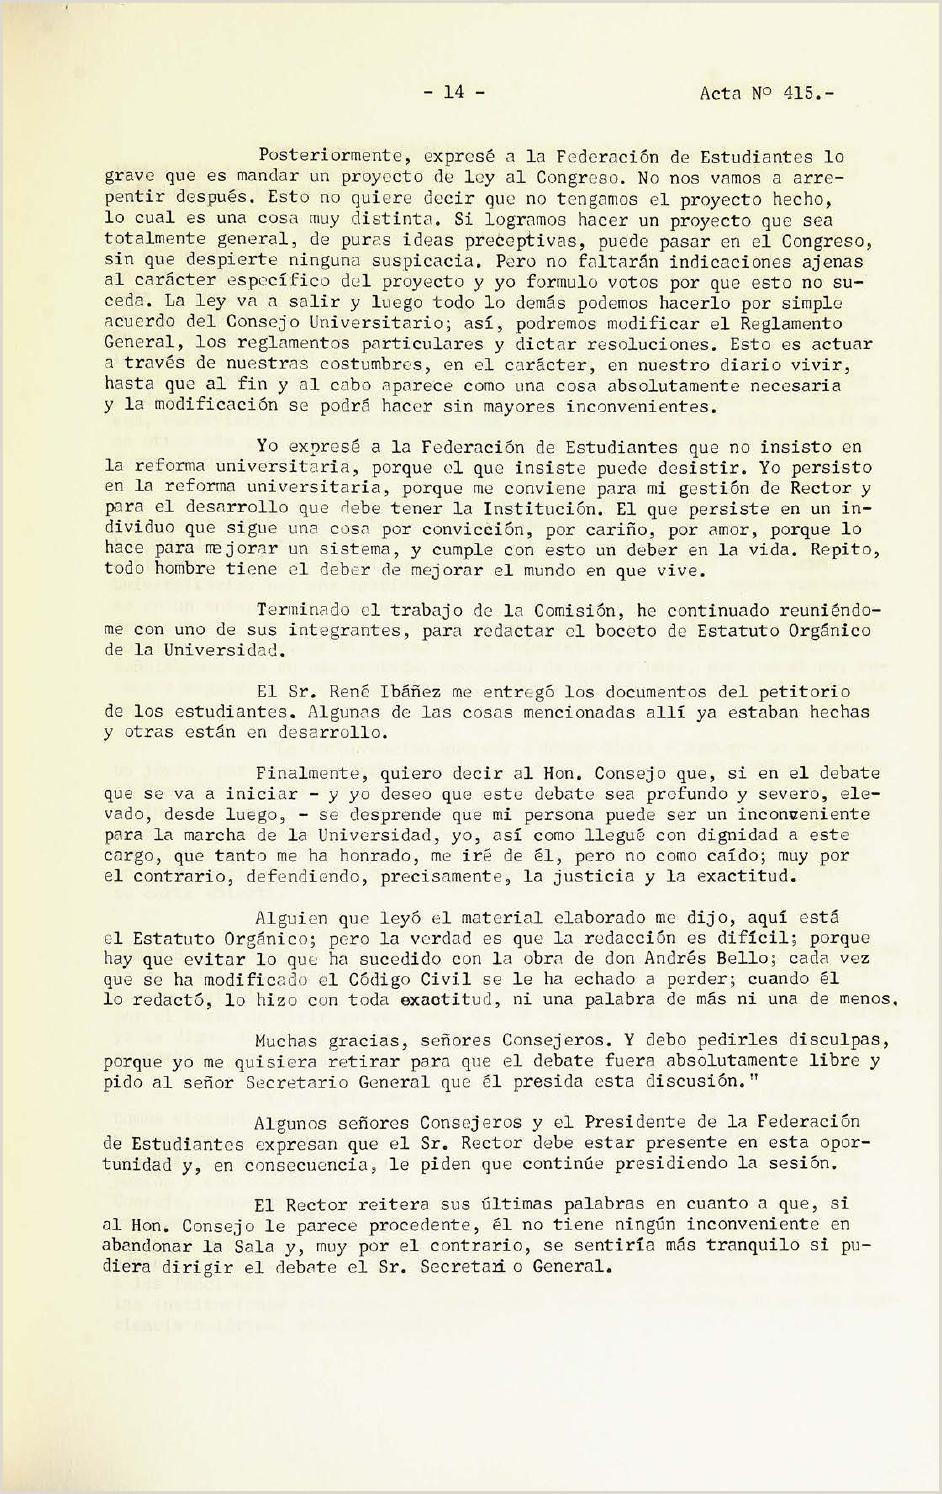 Imprimir Hoja De Vida Minerva Gratis Actas Del Consejo 405 429 Opt Parte 2 by Archivo